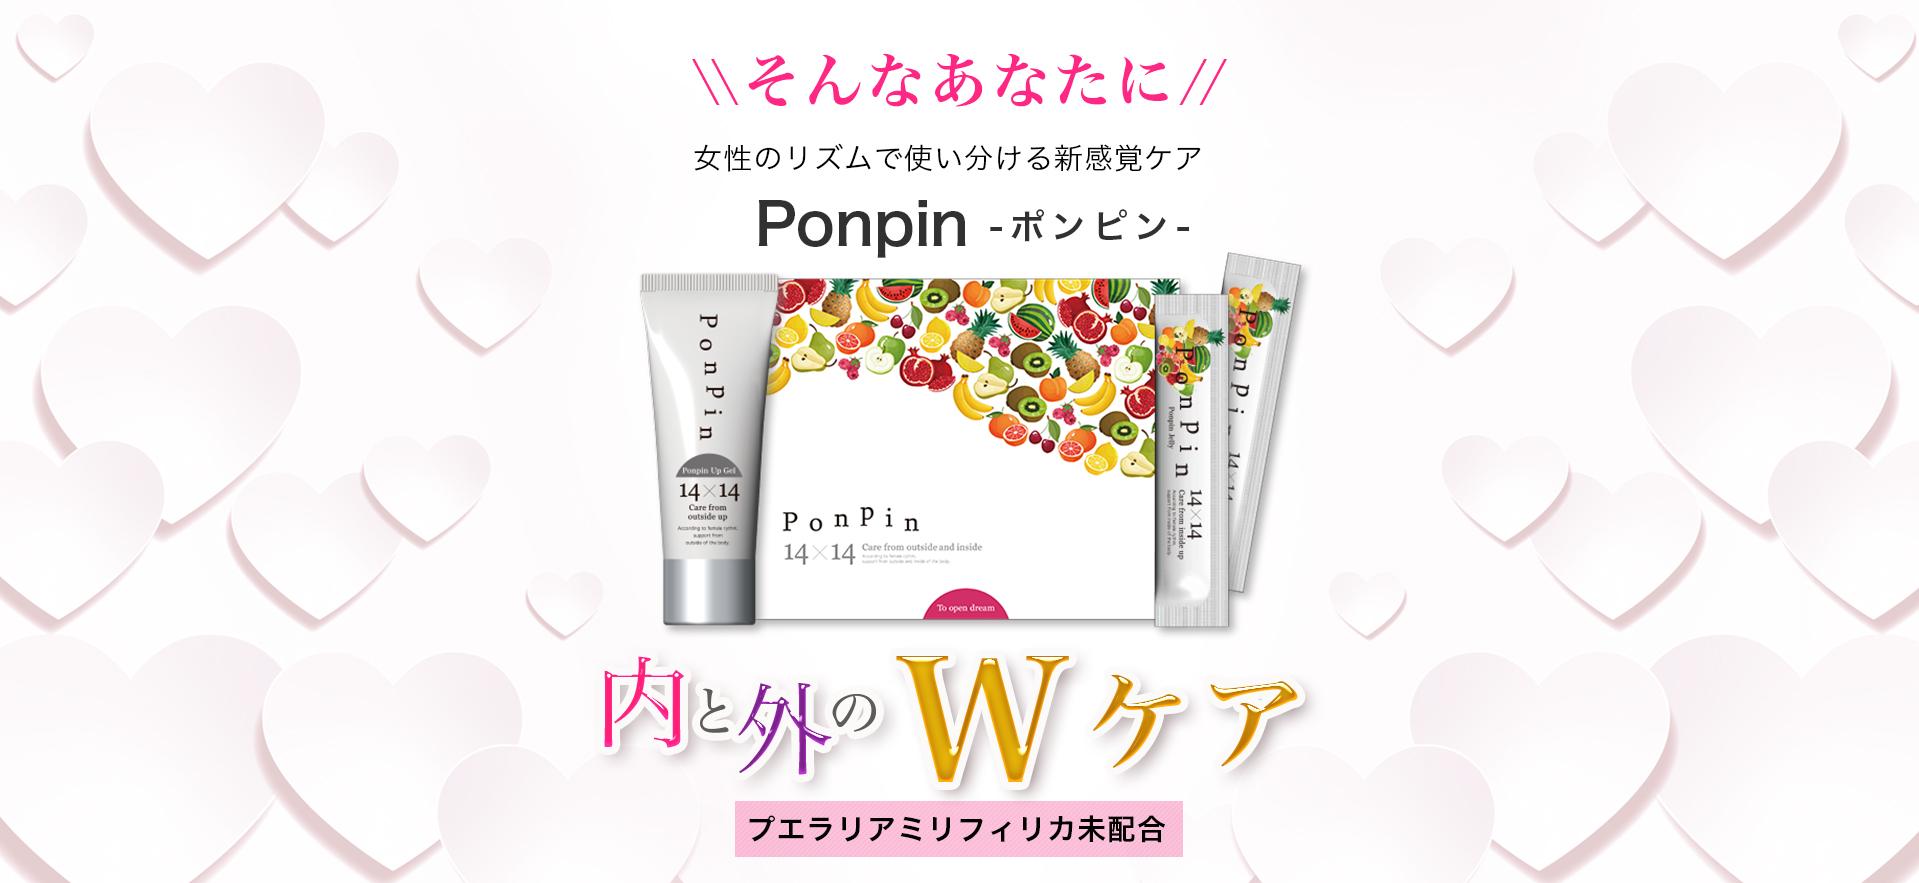 PonPin(ポンピン)